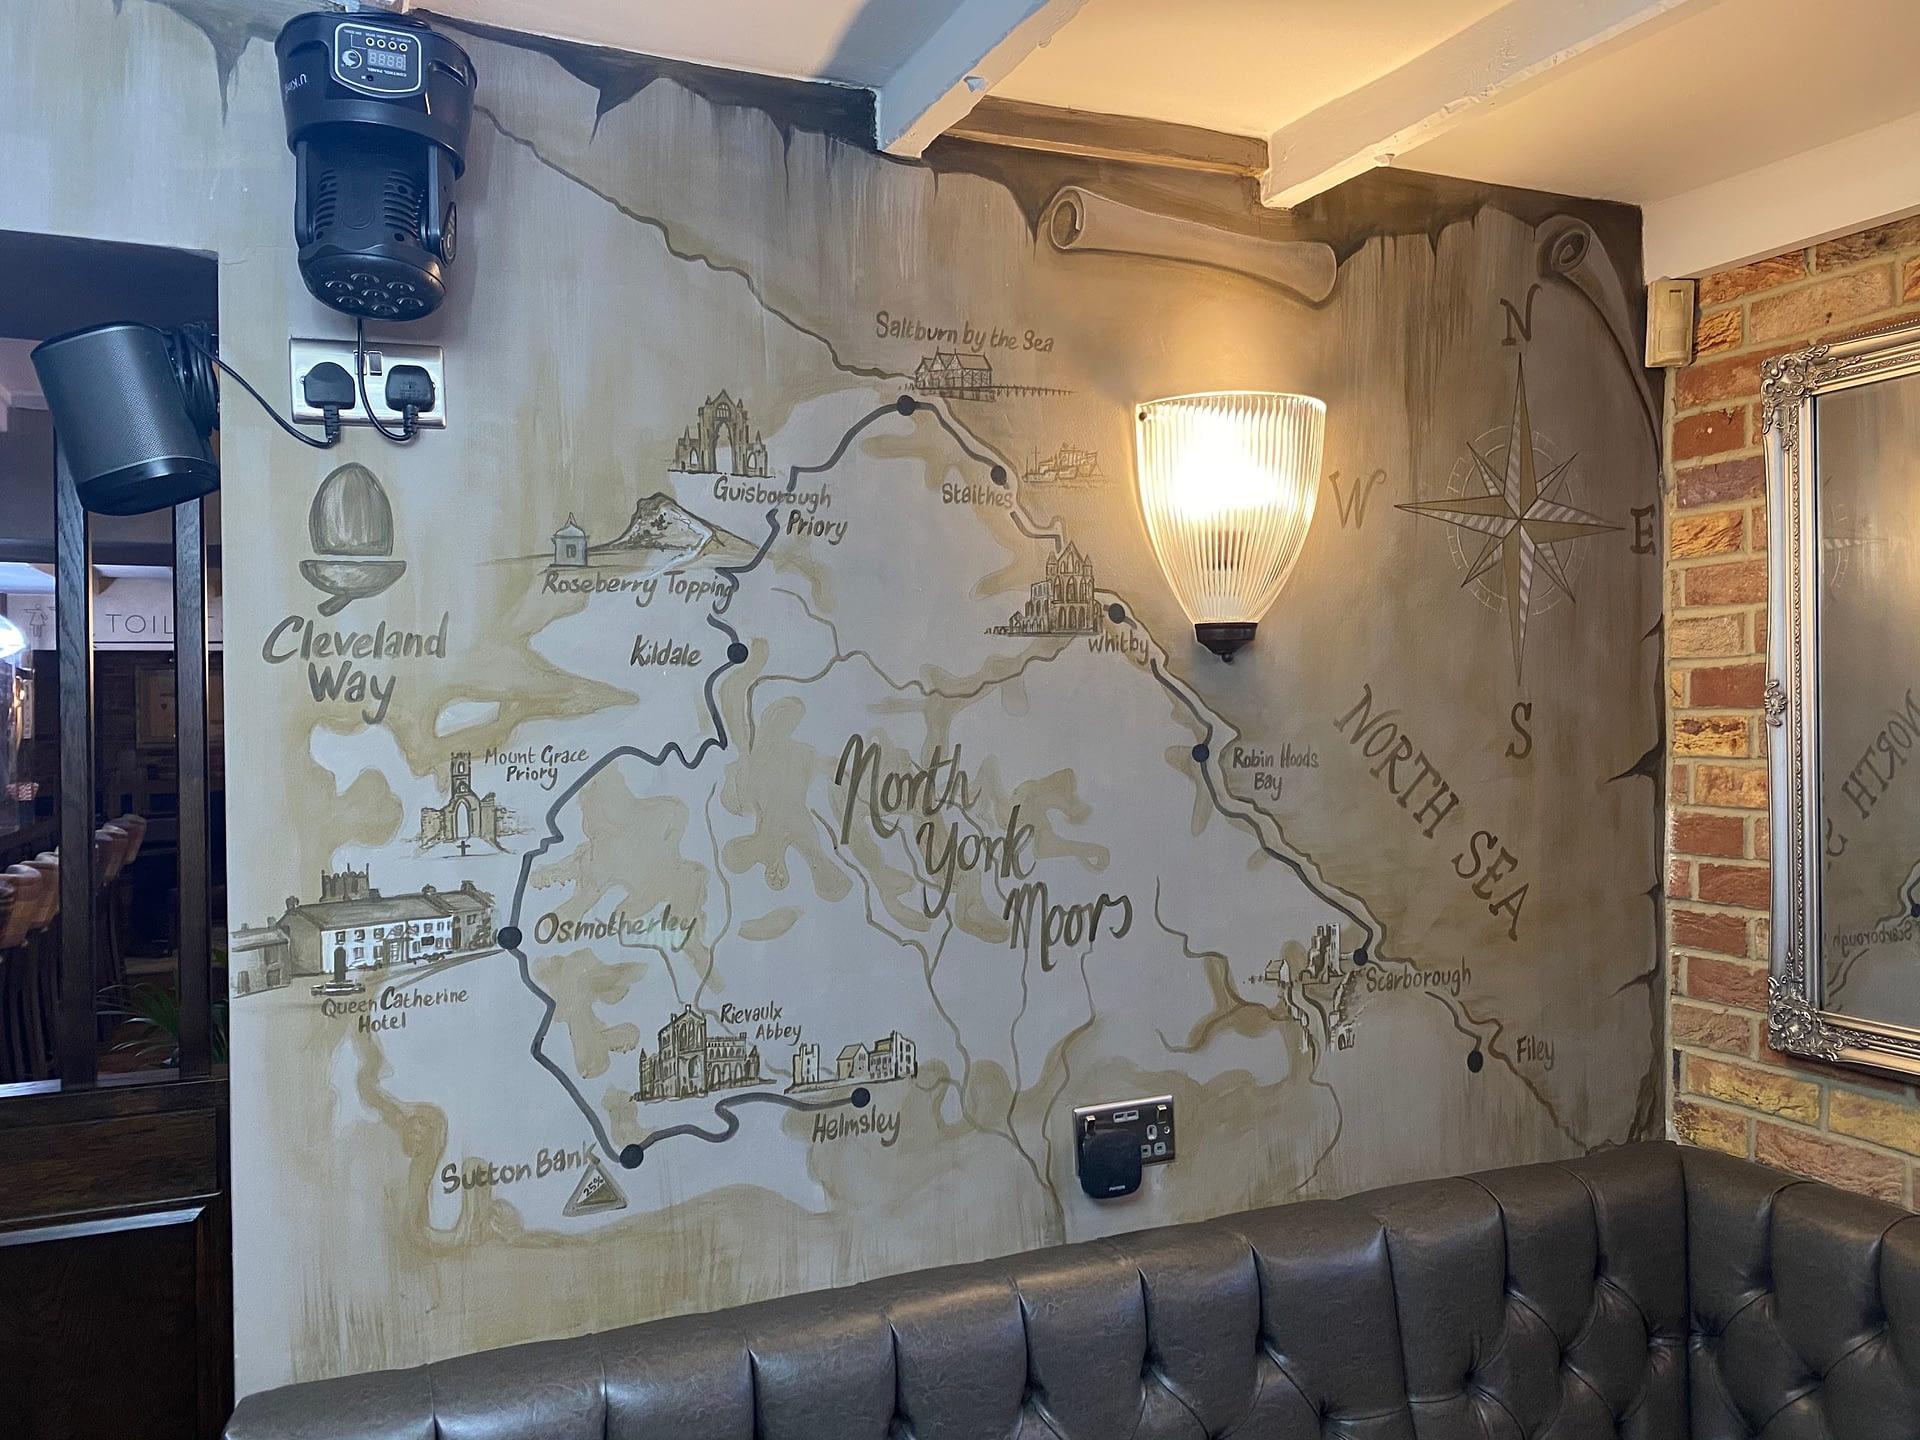 Cleveland way Mural Queen Caherine Hotel